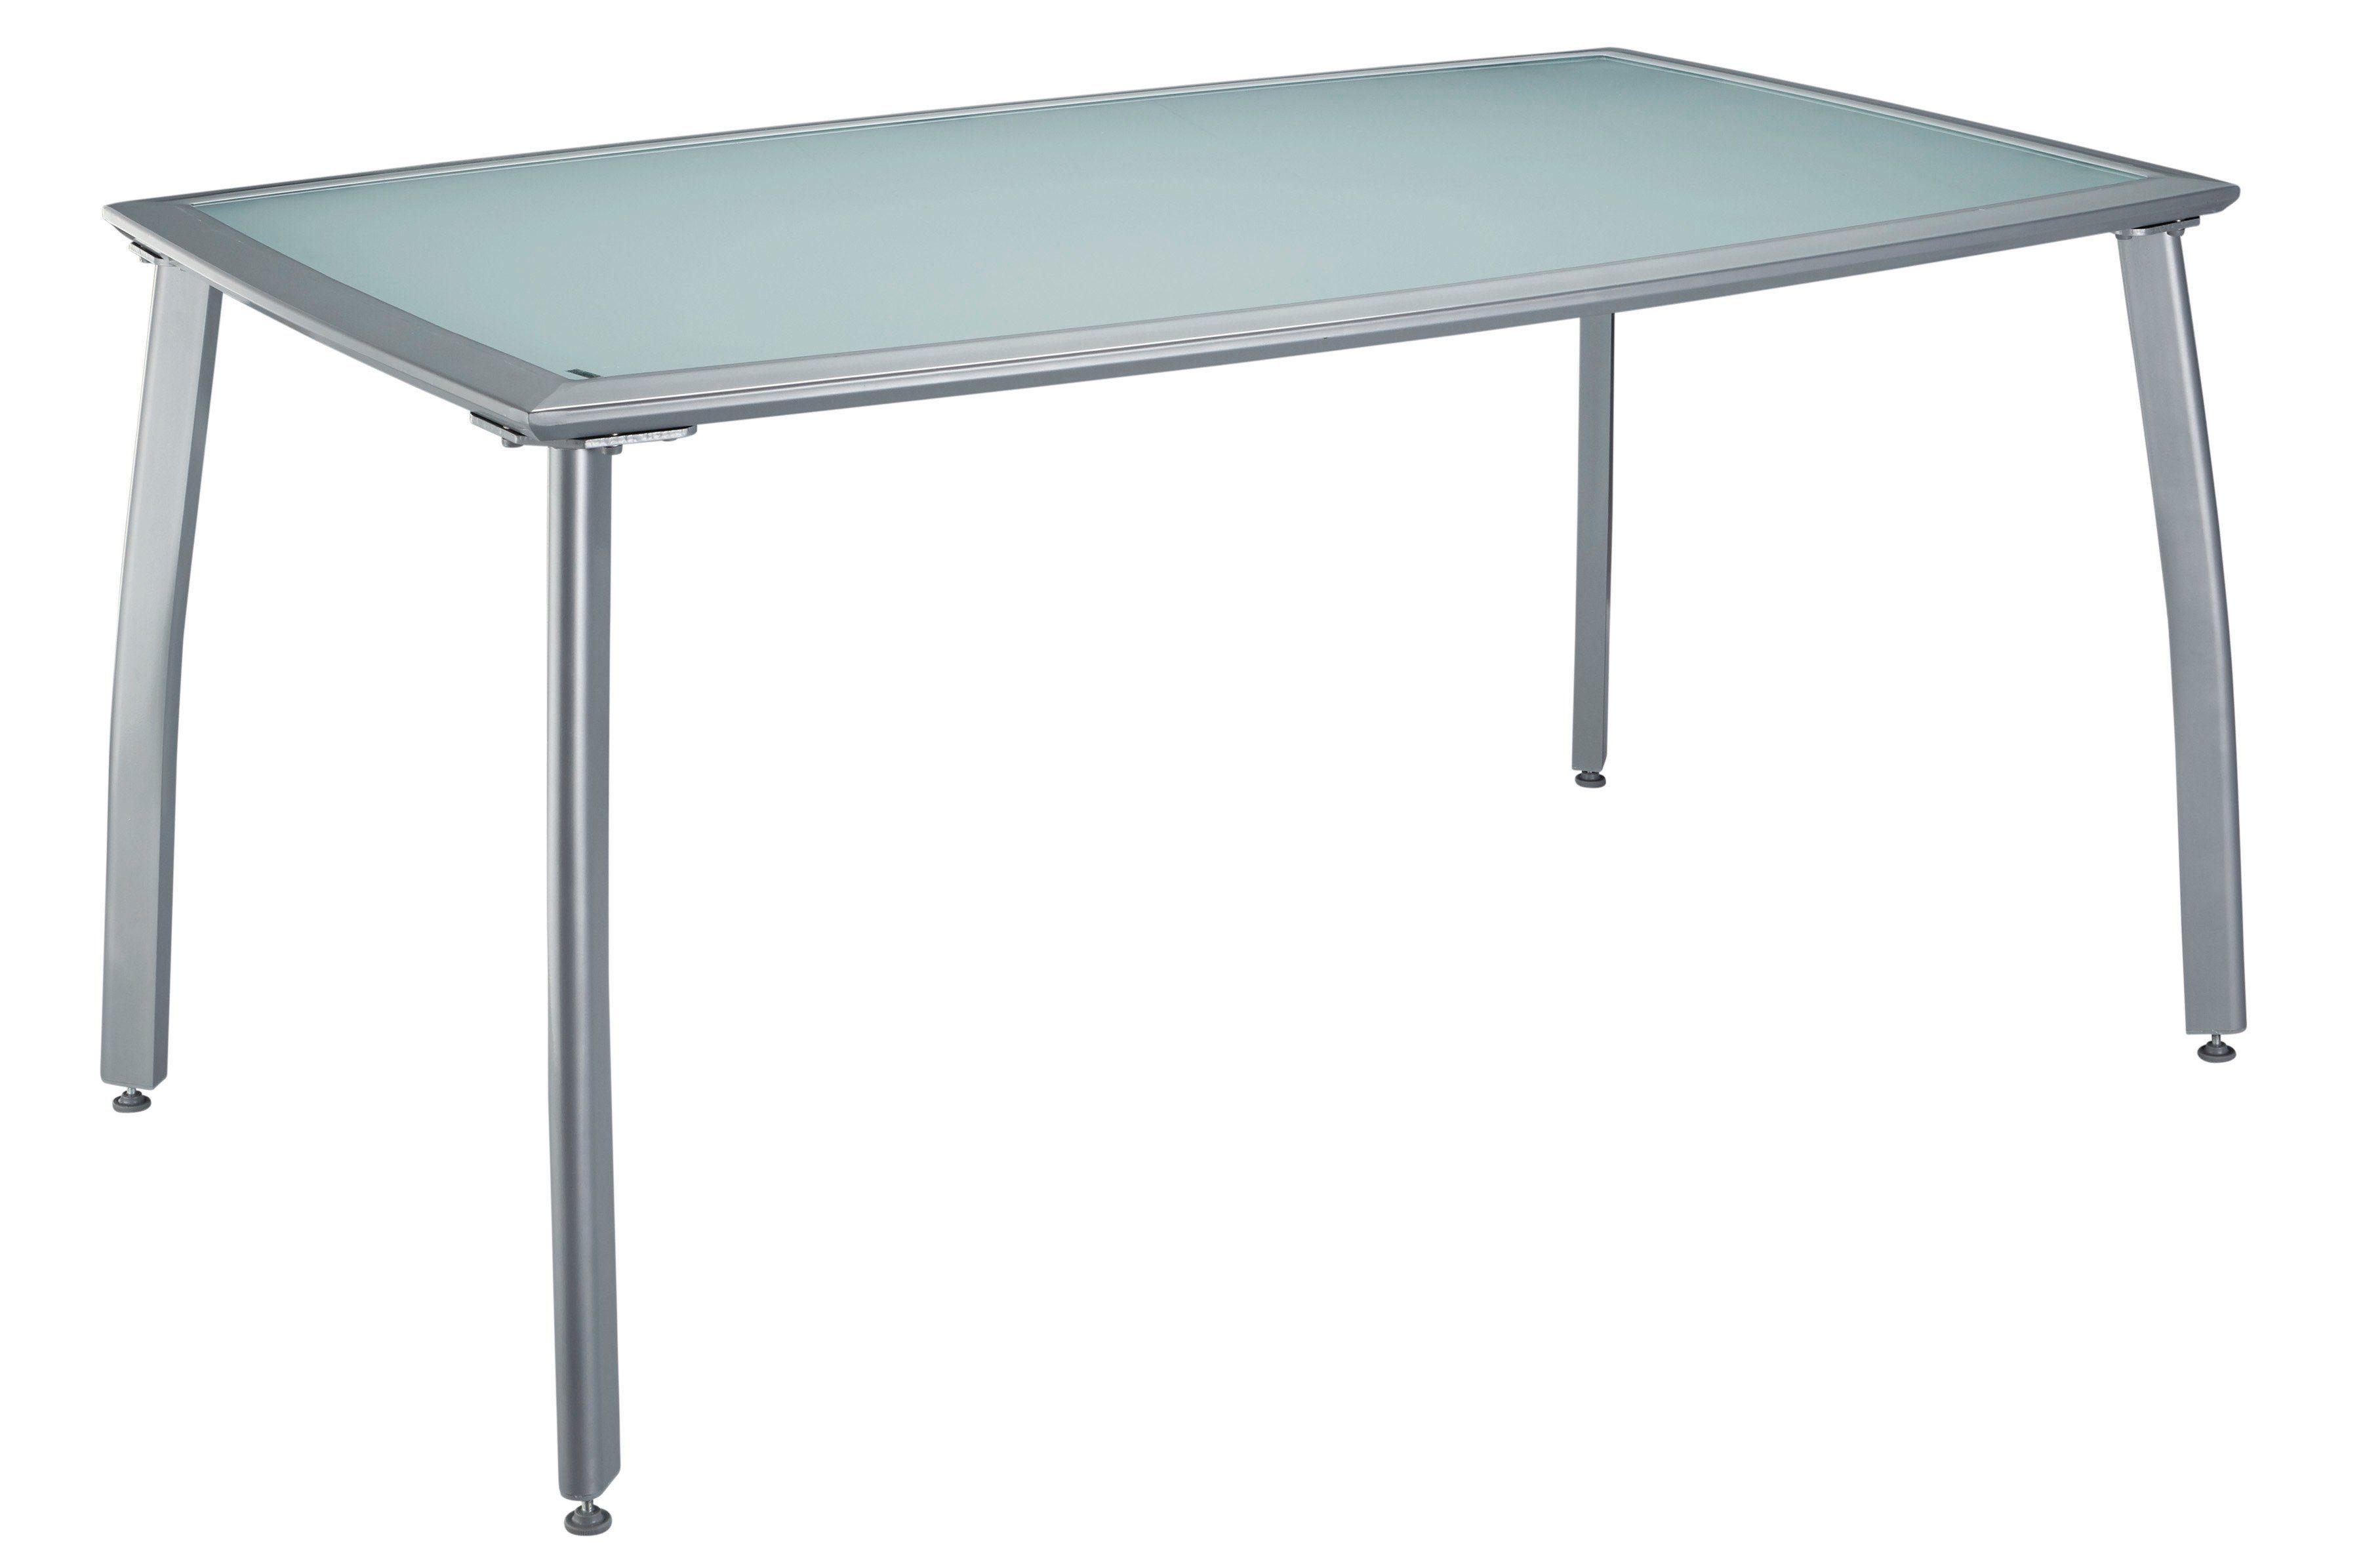 Gartentisch »Lima«, Aluminium, 150x90 mm